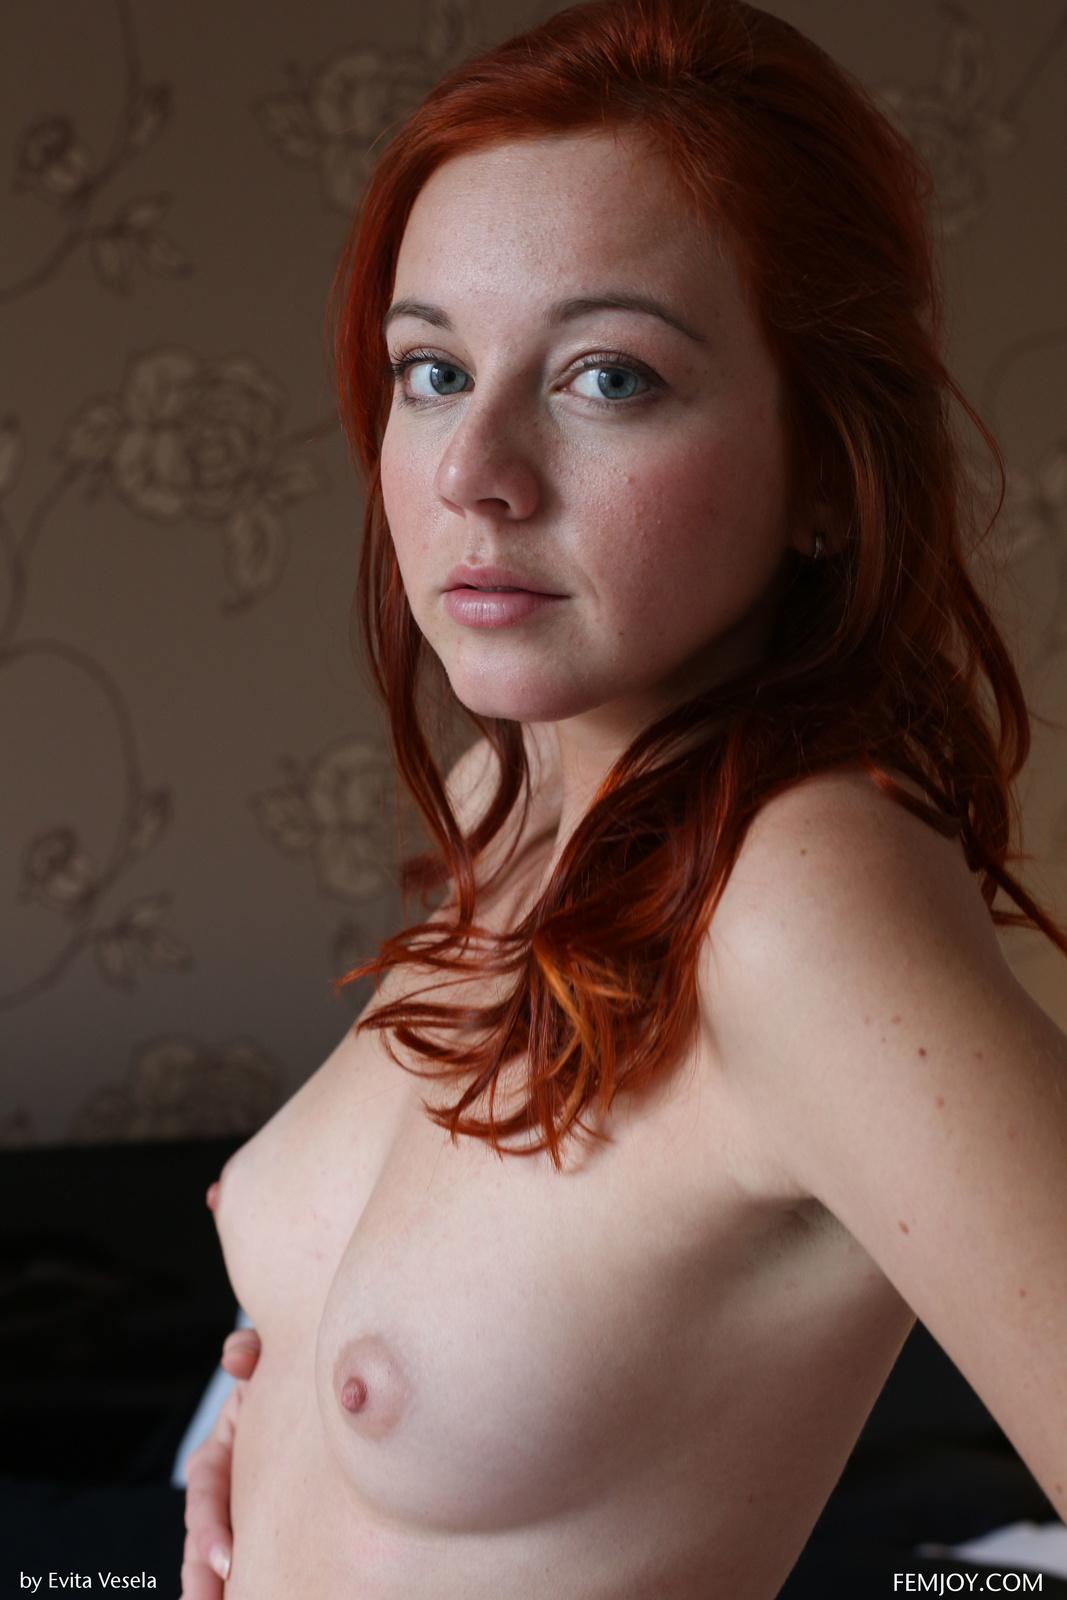 Zdjęcie porno - 066 - Ruda w bieli